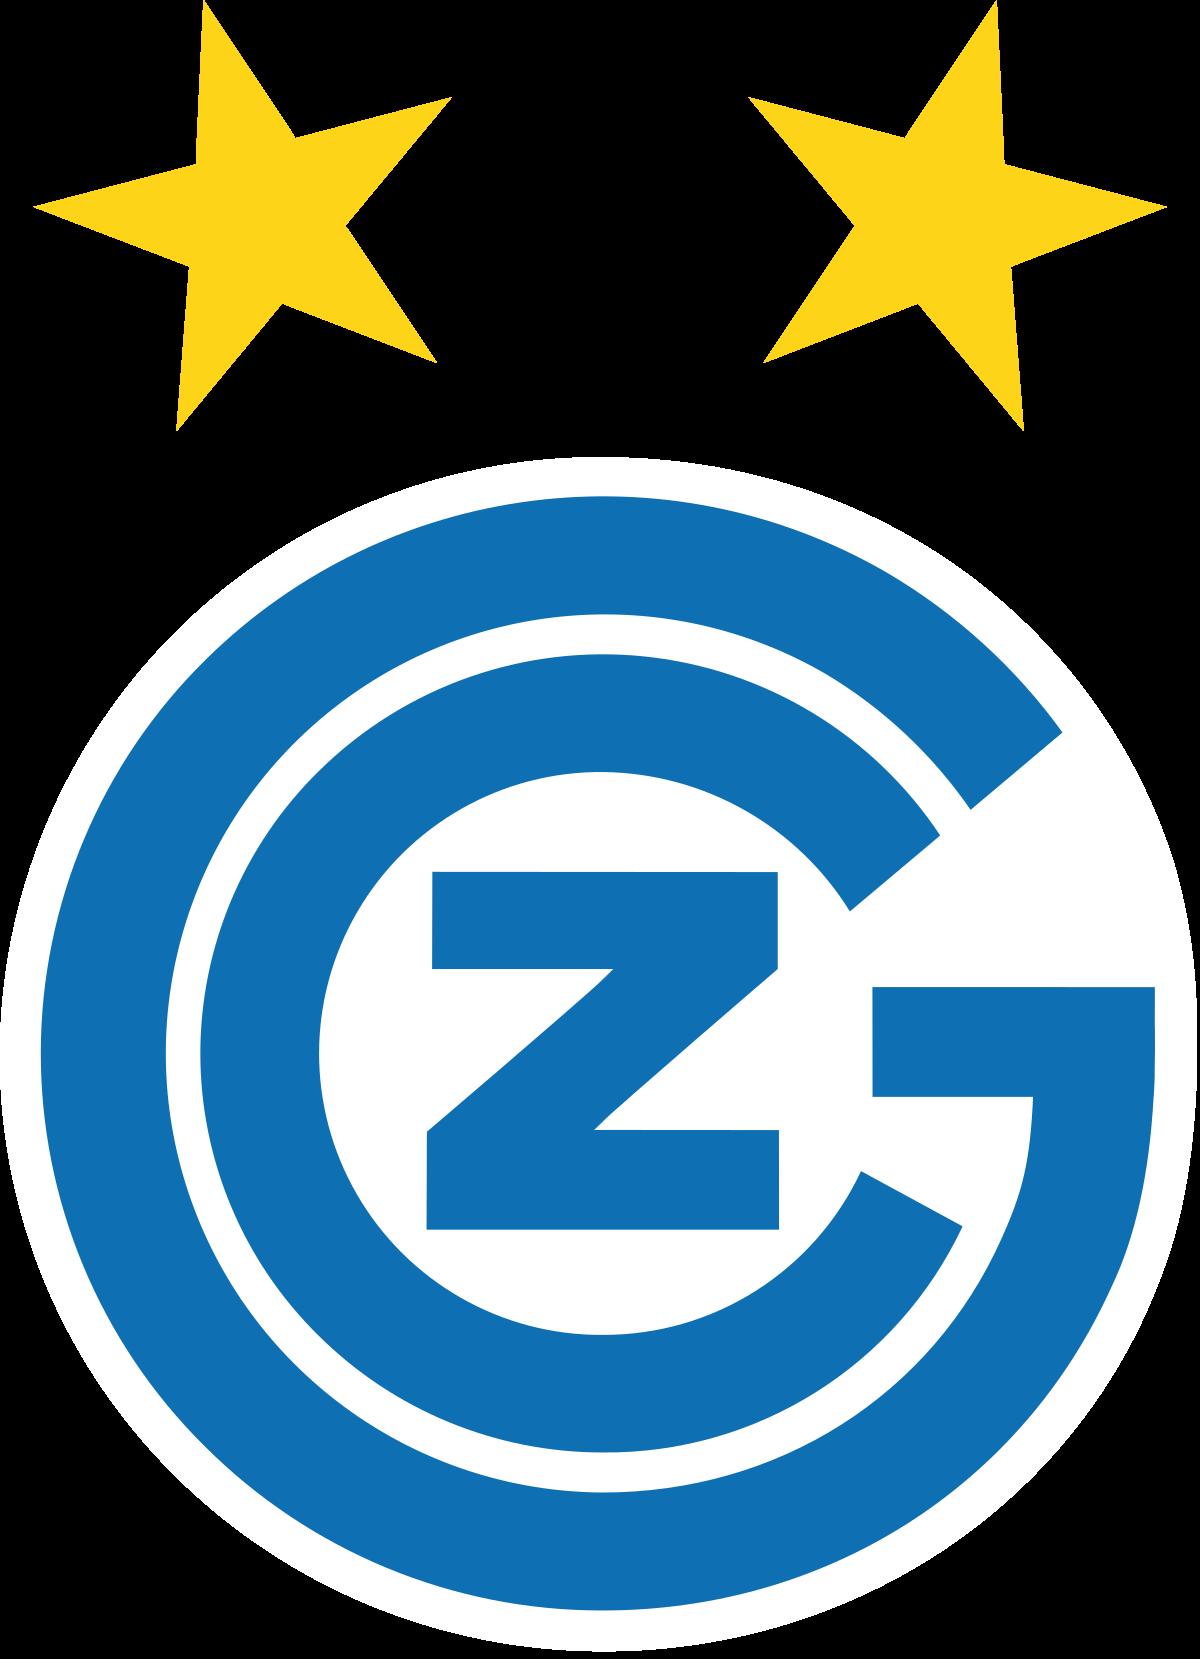 Logo GCZ